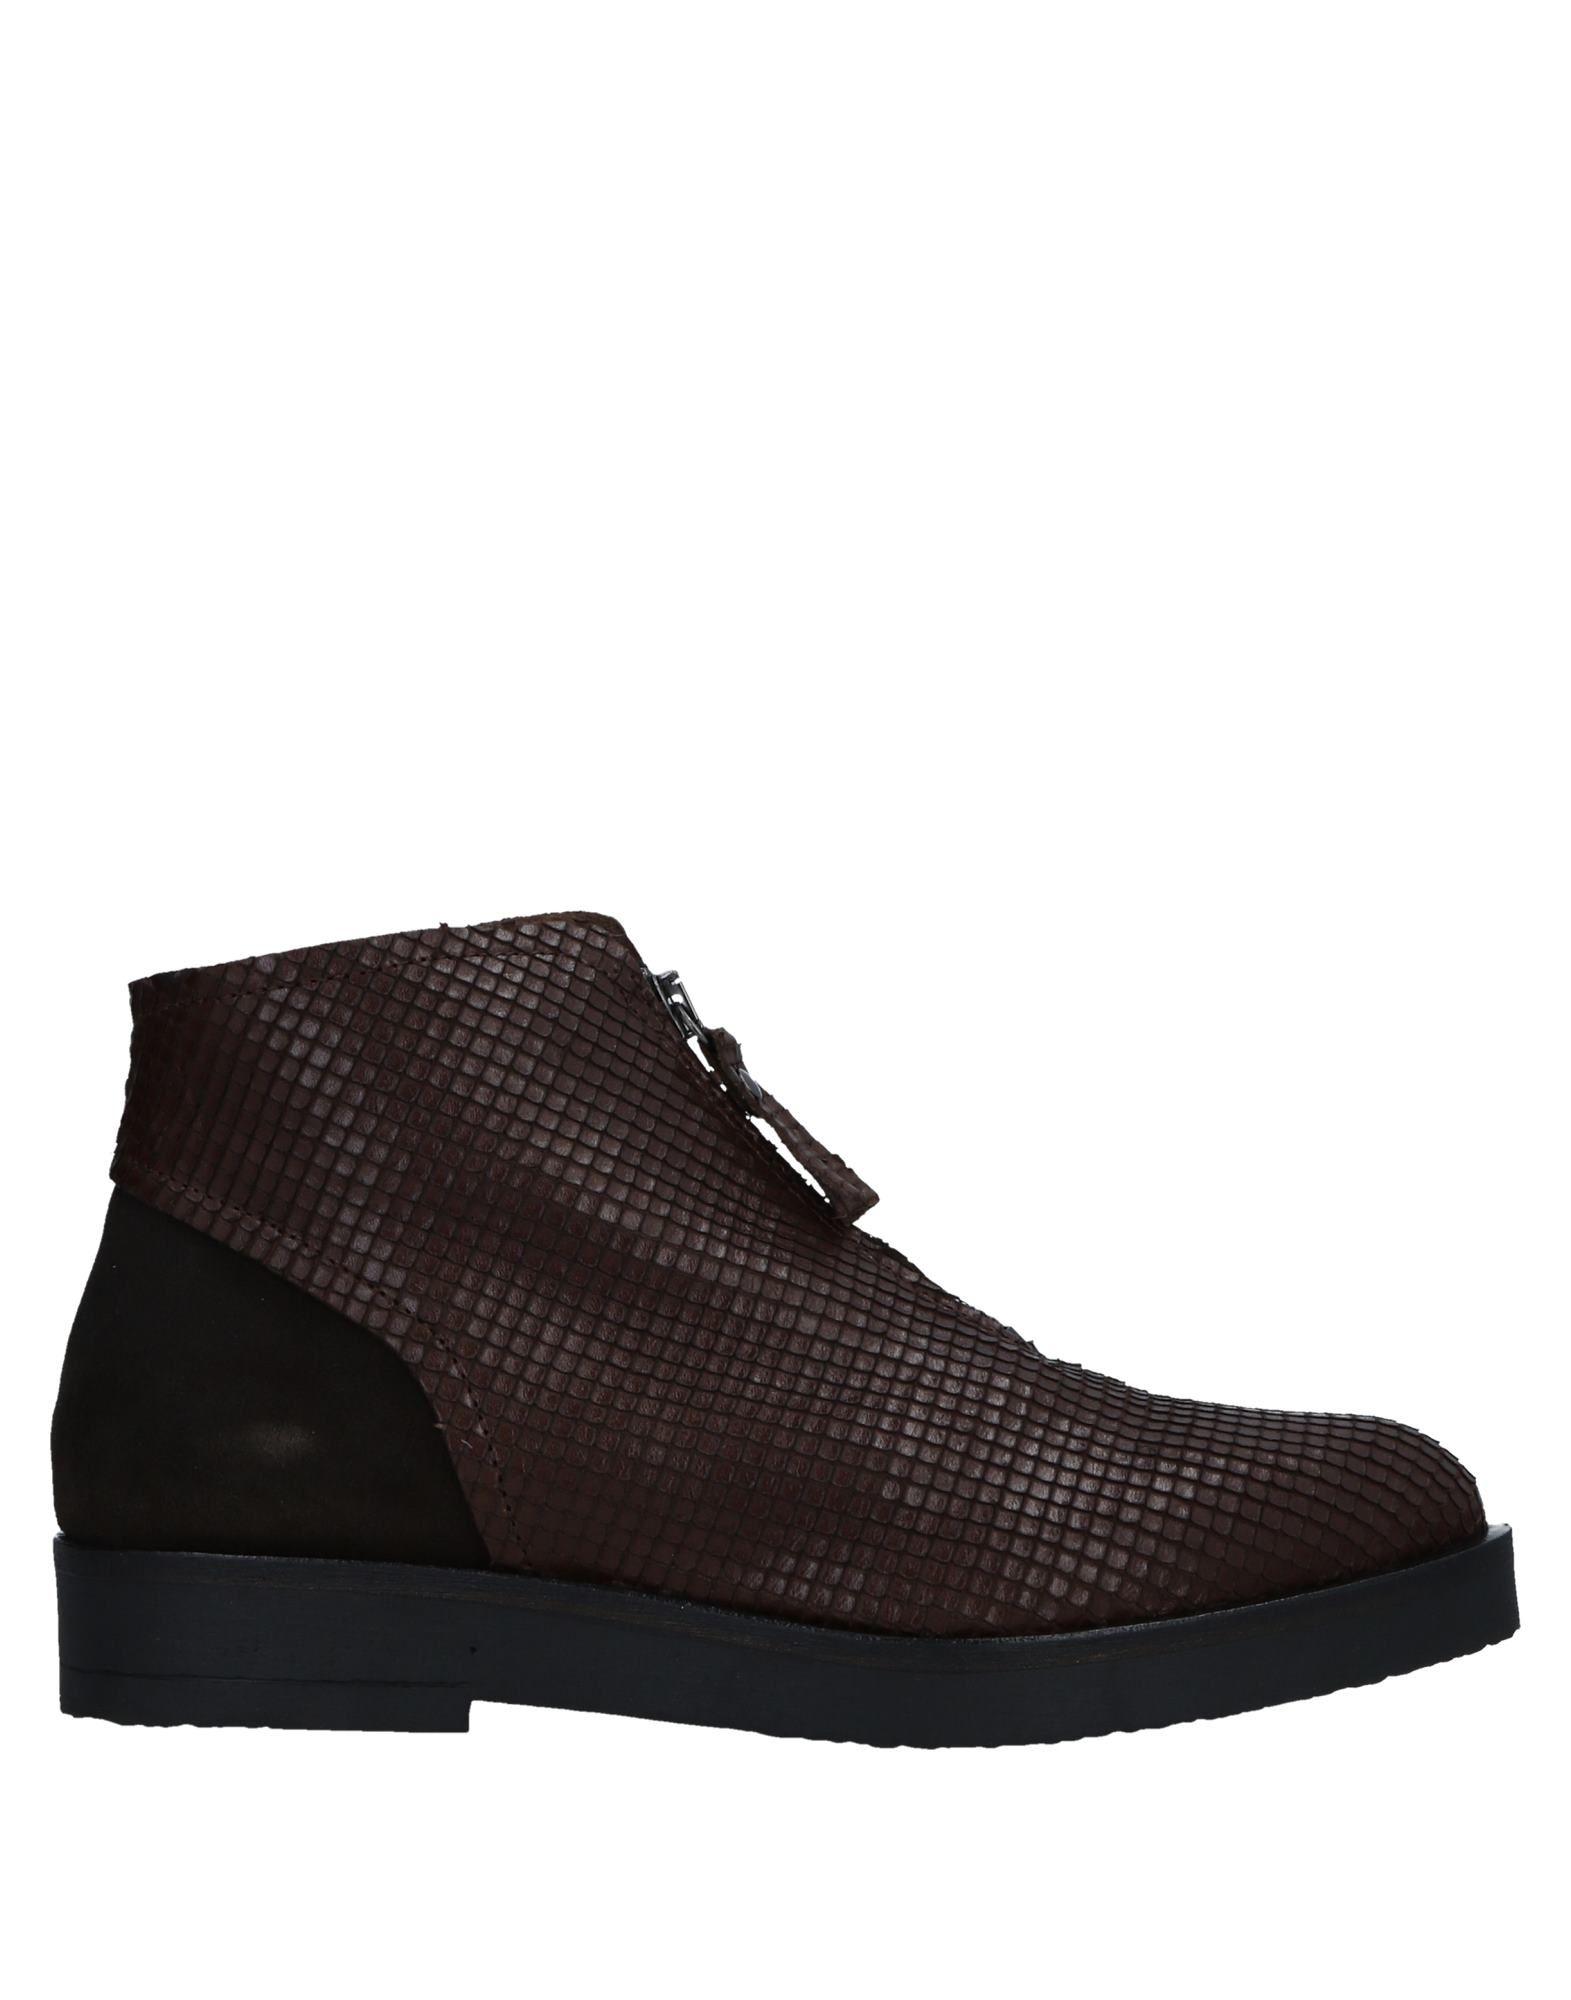 Bottine Lilimill Femme - Bottines Lilimill Moka Les chaussures les plus populaires pour les hommes et les femmes